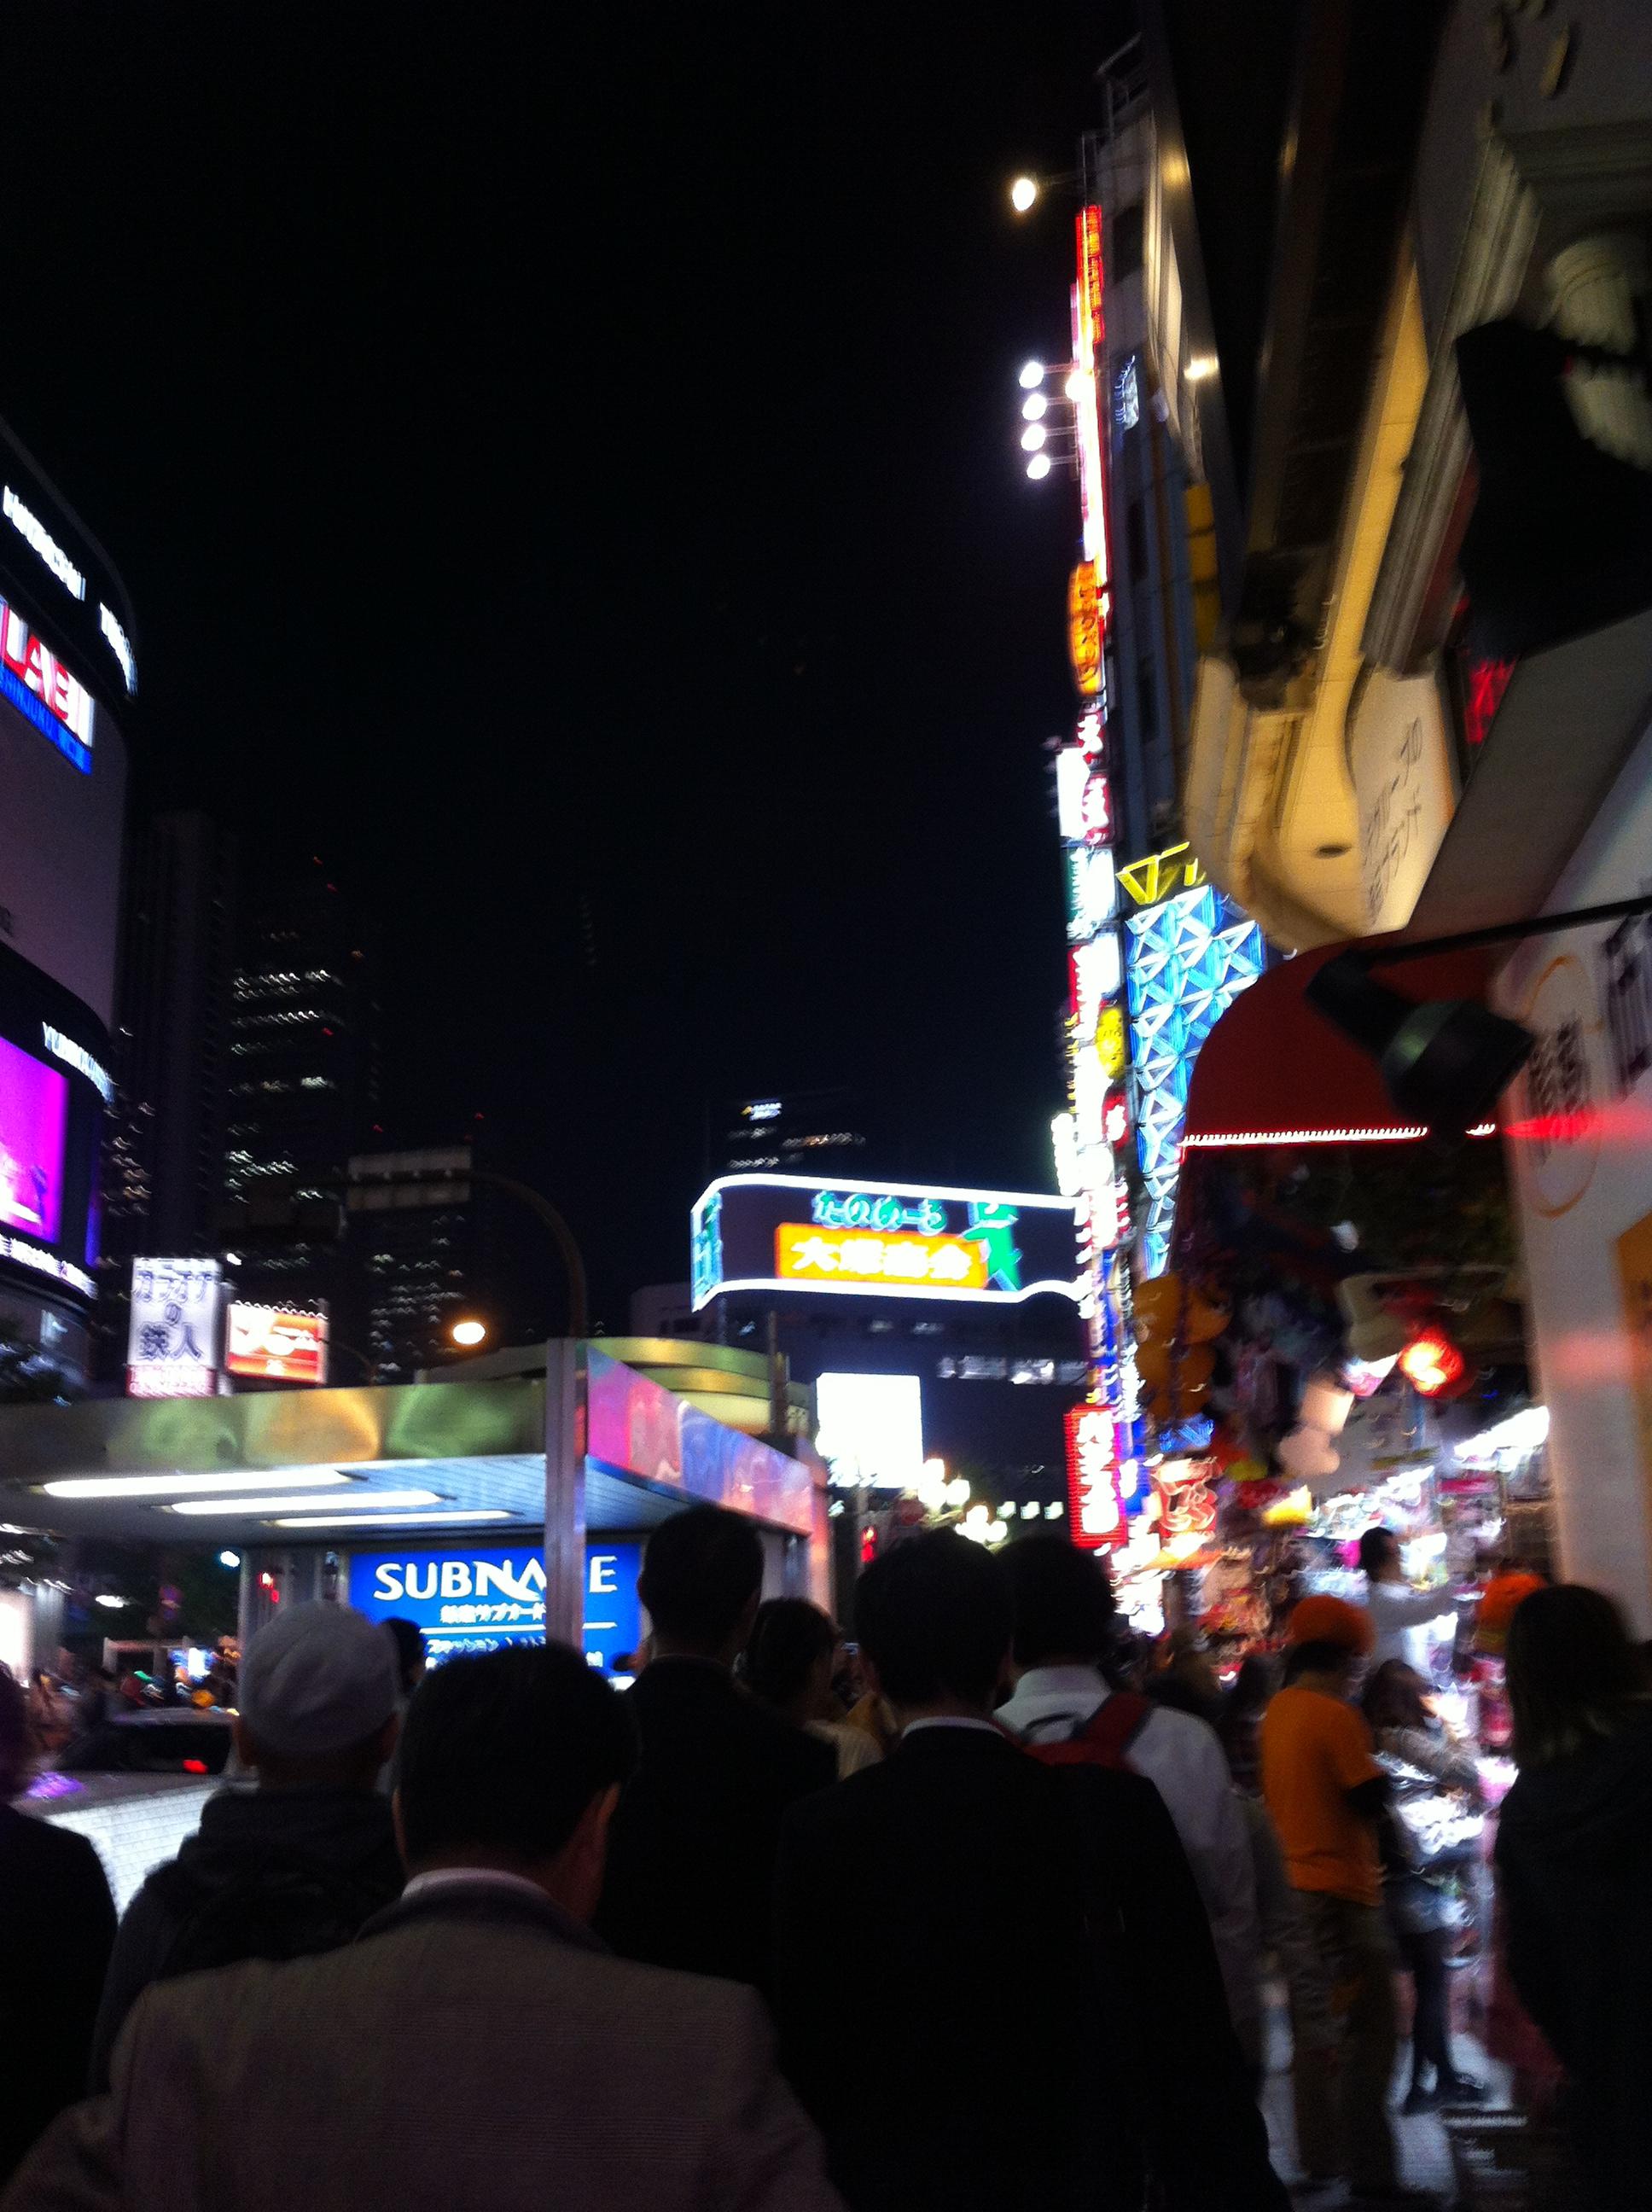 โตเกียวเกียวโตtokyoเที่ยวกินปลาดิบแซล,เส้นทางญี่ปุ่นโตเกียว,เที่ยวญี่ปุ่นที่ไหนดี,รีวิวโตเกียว,โตเกียวญี่ปุ่นพันทิบ,ตลาดปลาสึกิจิร้านอร่อย,ร้านอาหารโตเกียว,อะคิตะอินุ,ฮะจิโคสุนัขกตัญญู,เม่อนPicture 323